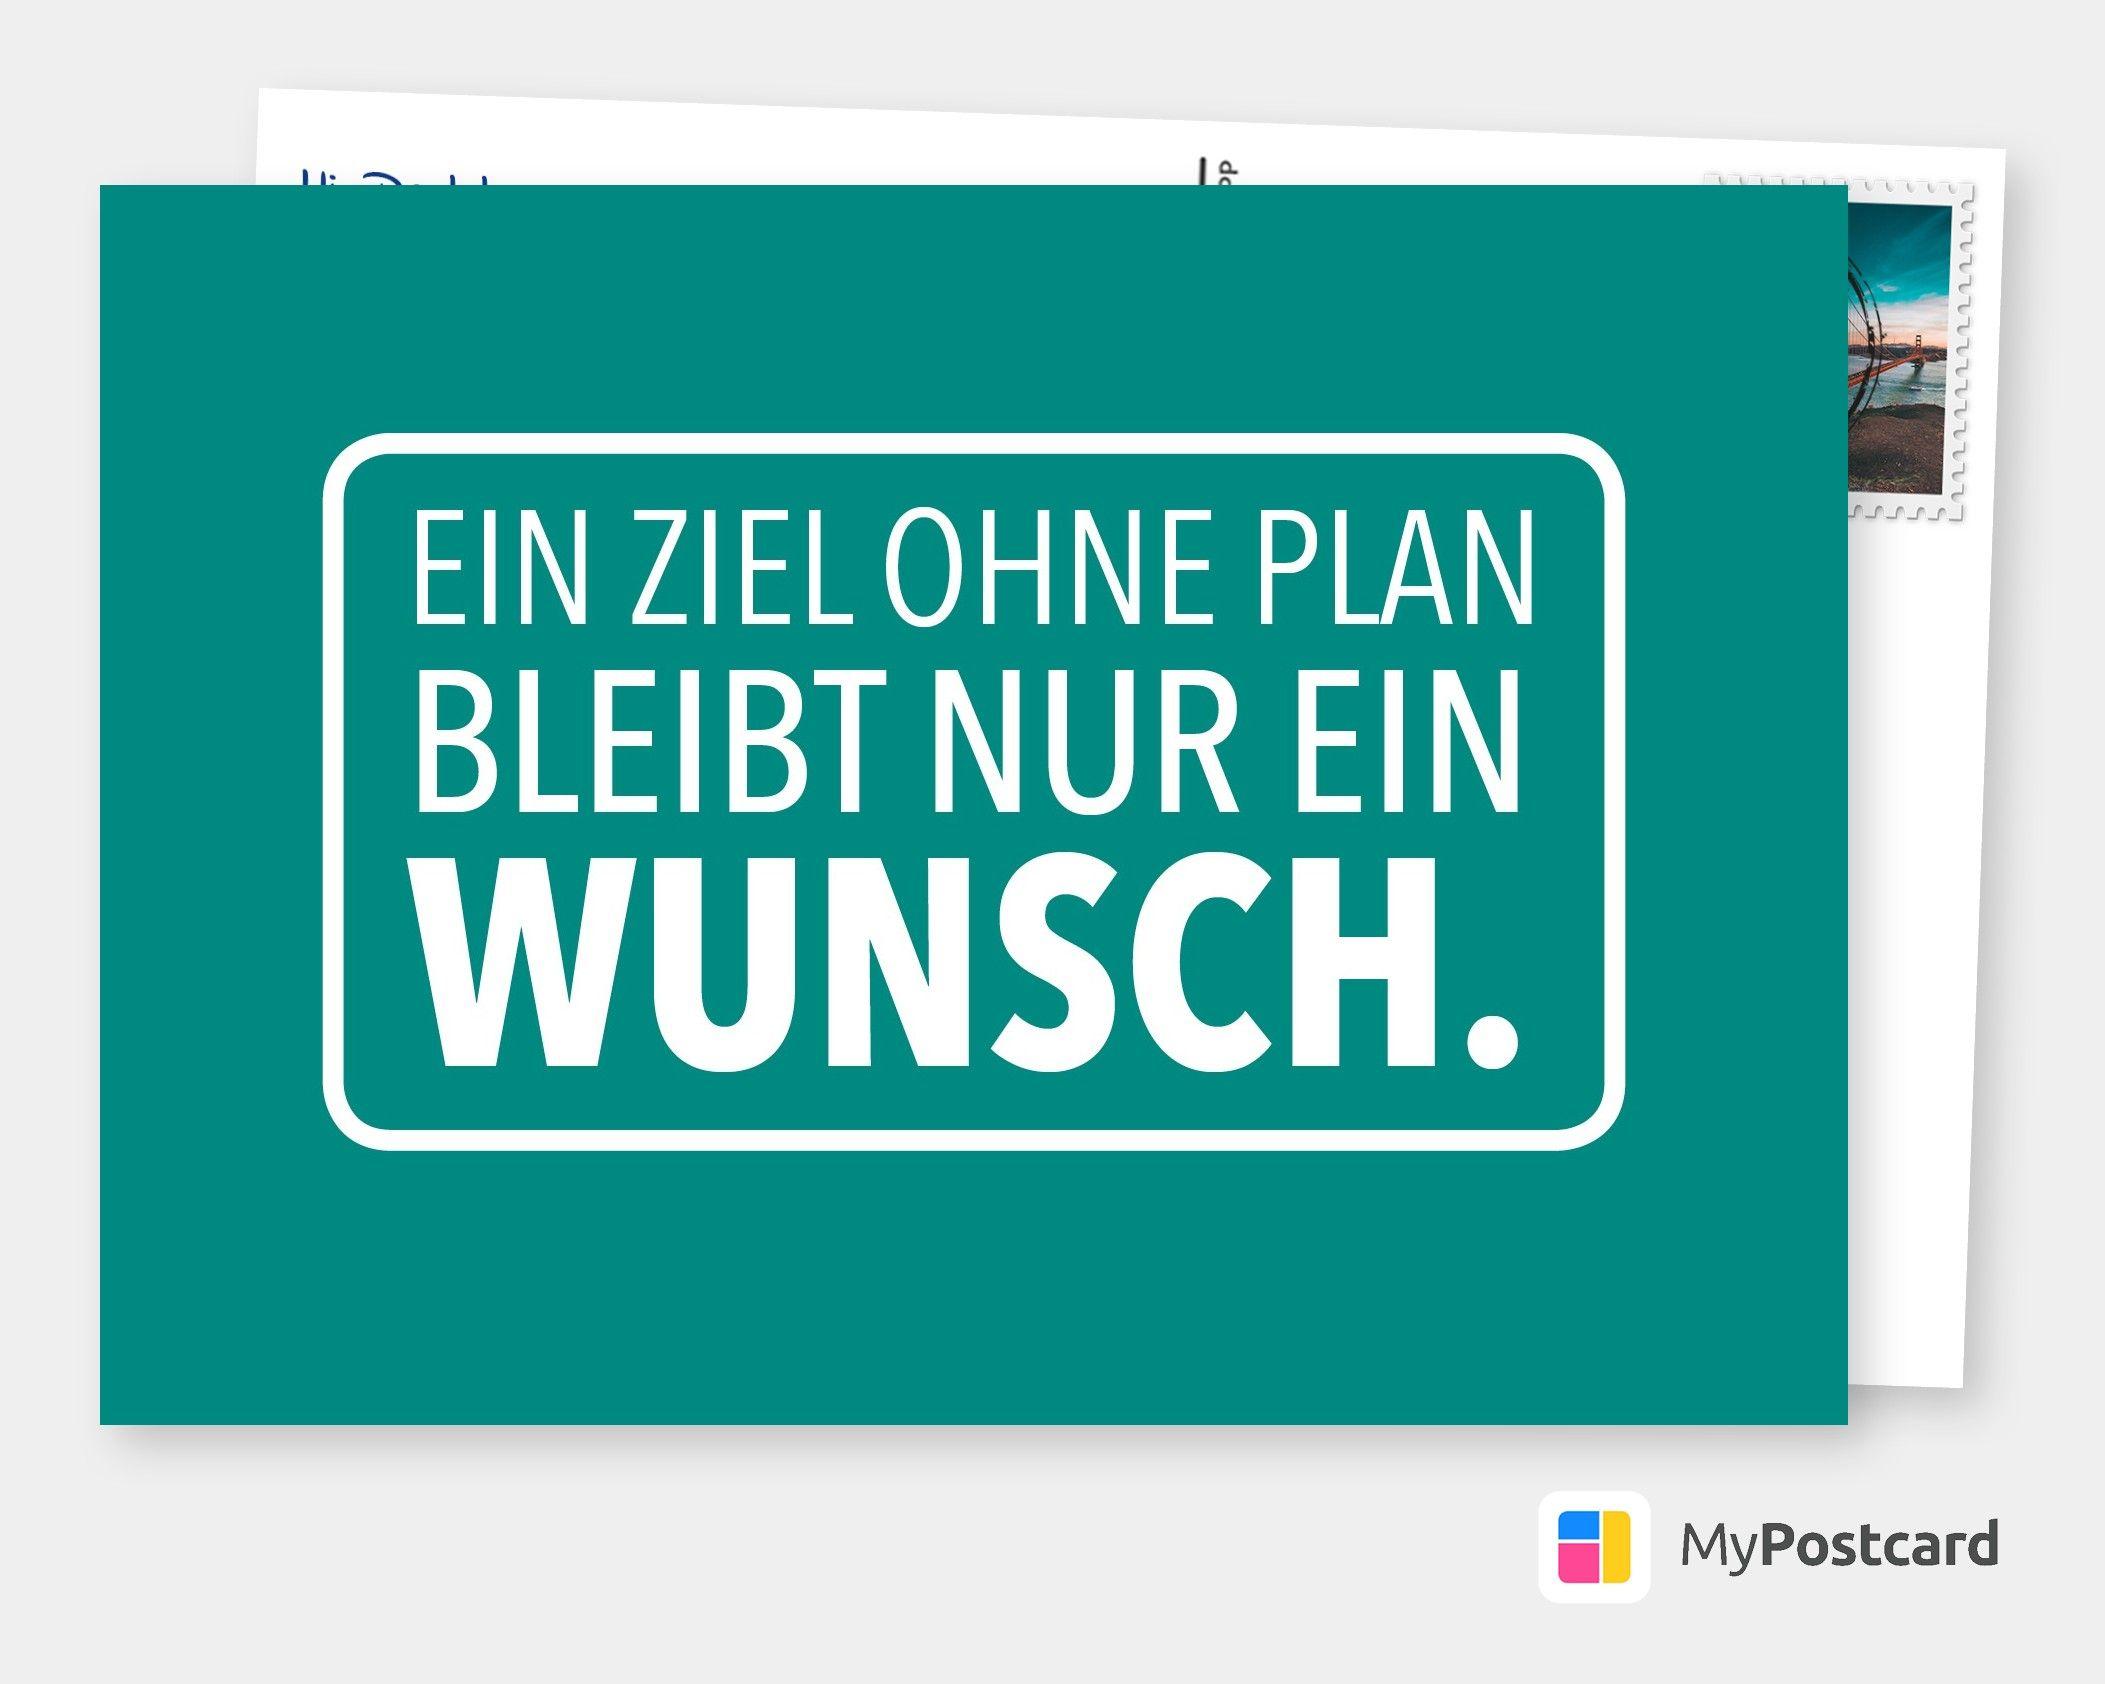 Nur Ein Wunsch Weisheiten Spruche Zitate Echte Postkarten Online Versenden Weisheiten Zitate Spruch Des Tages Lustig